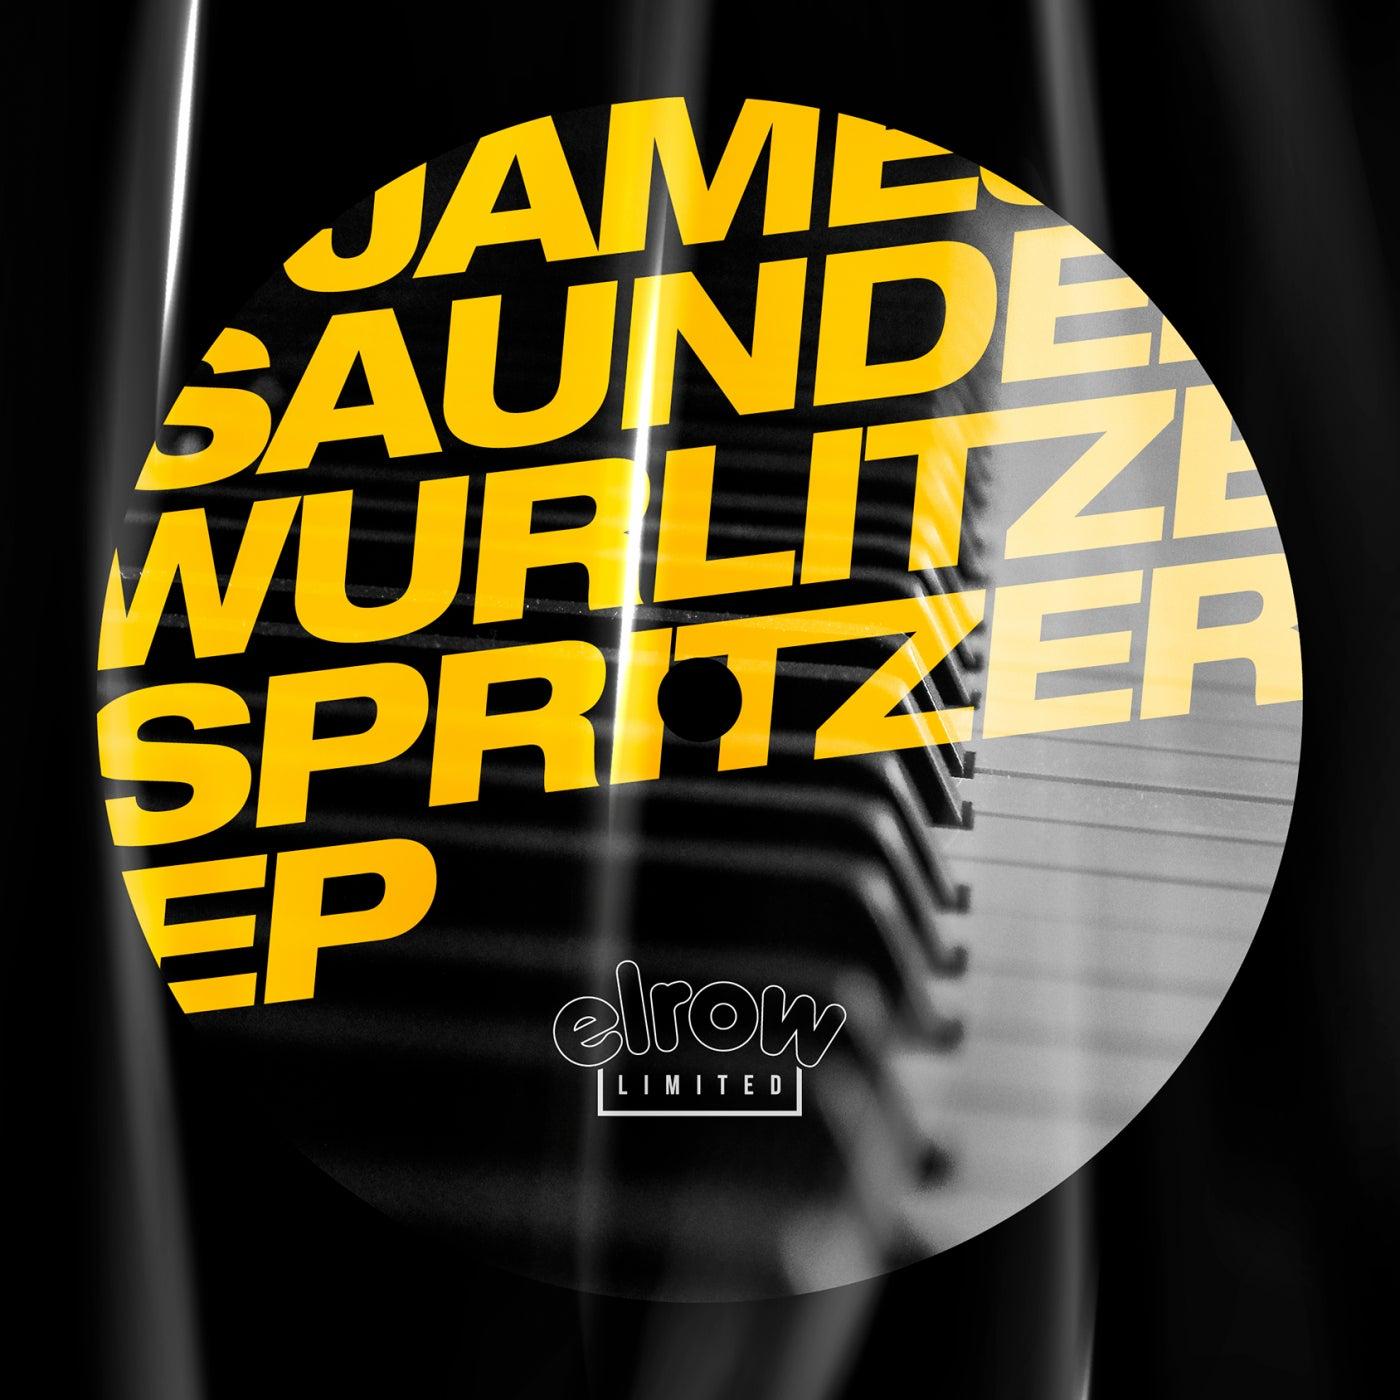 Wurlitzer Spritzer (Original Mix)